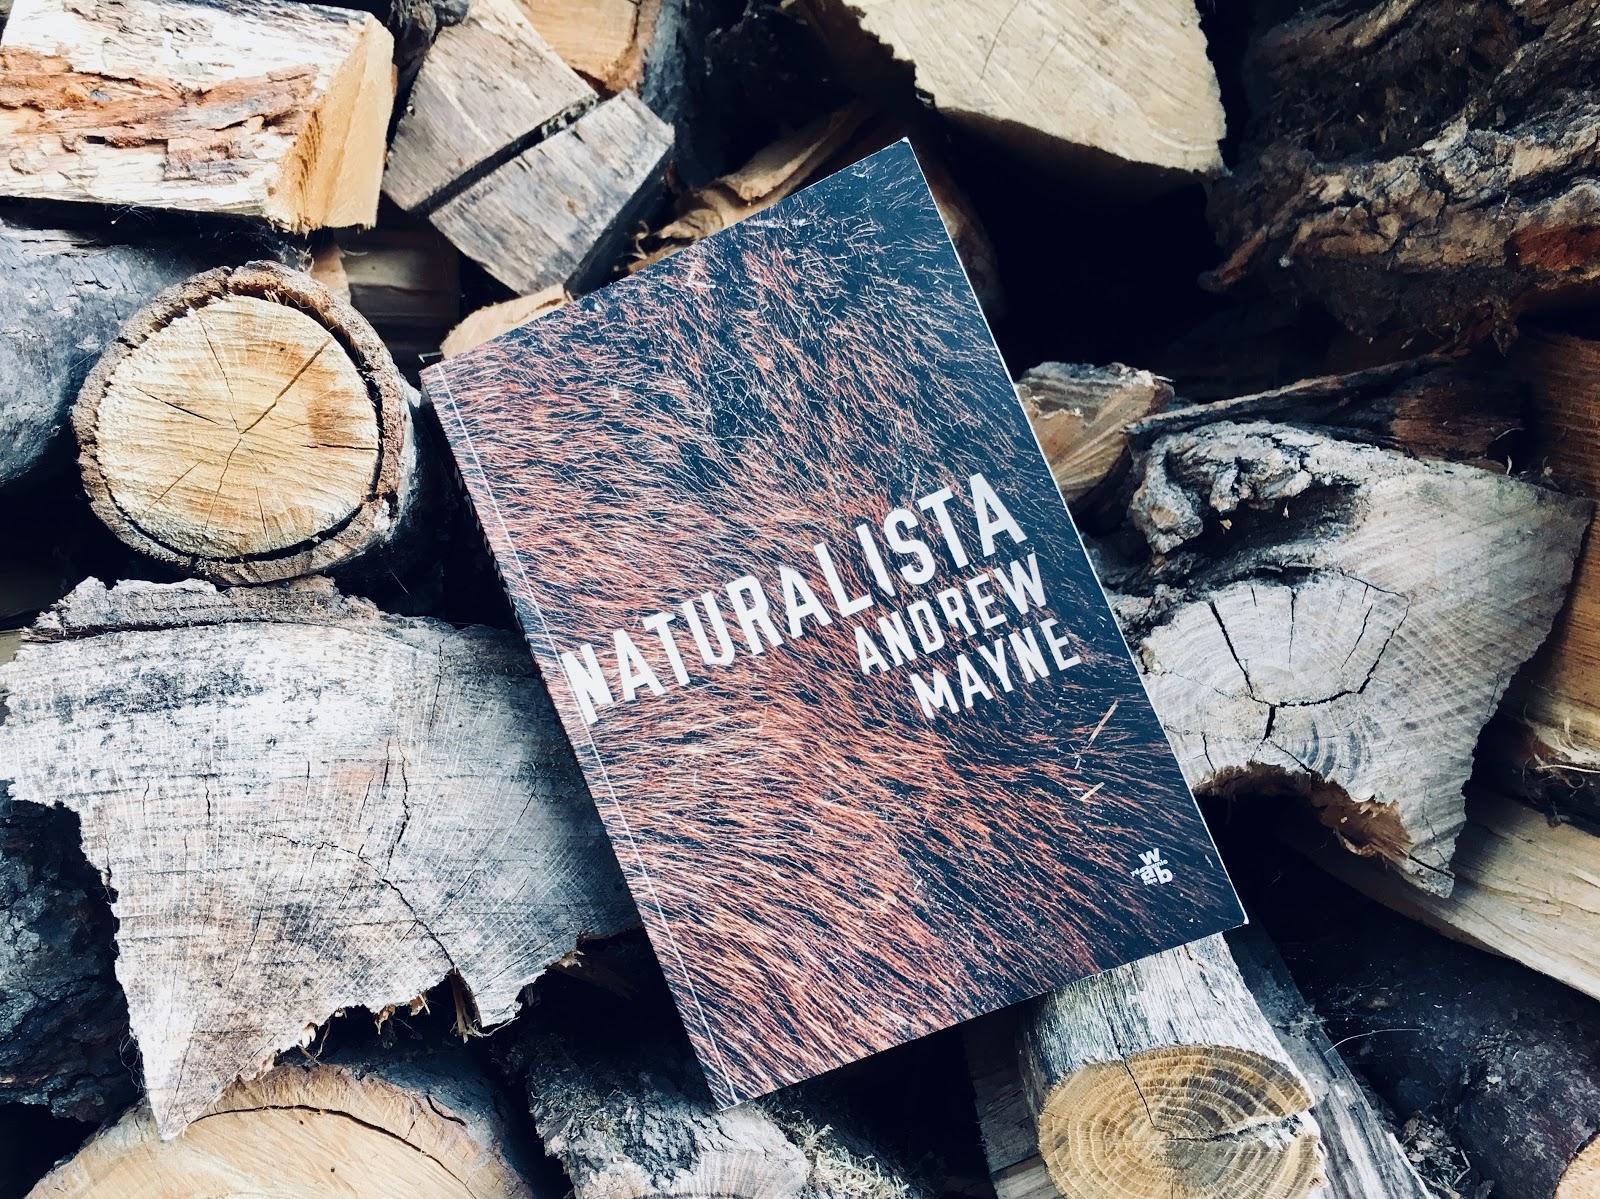 Naturalista – Andrew Mayne. Coś nieoczywistego